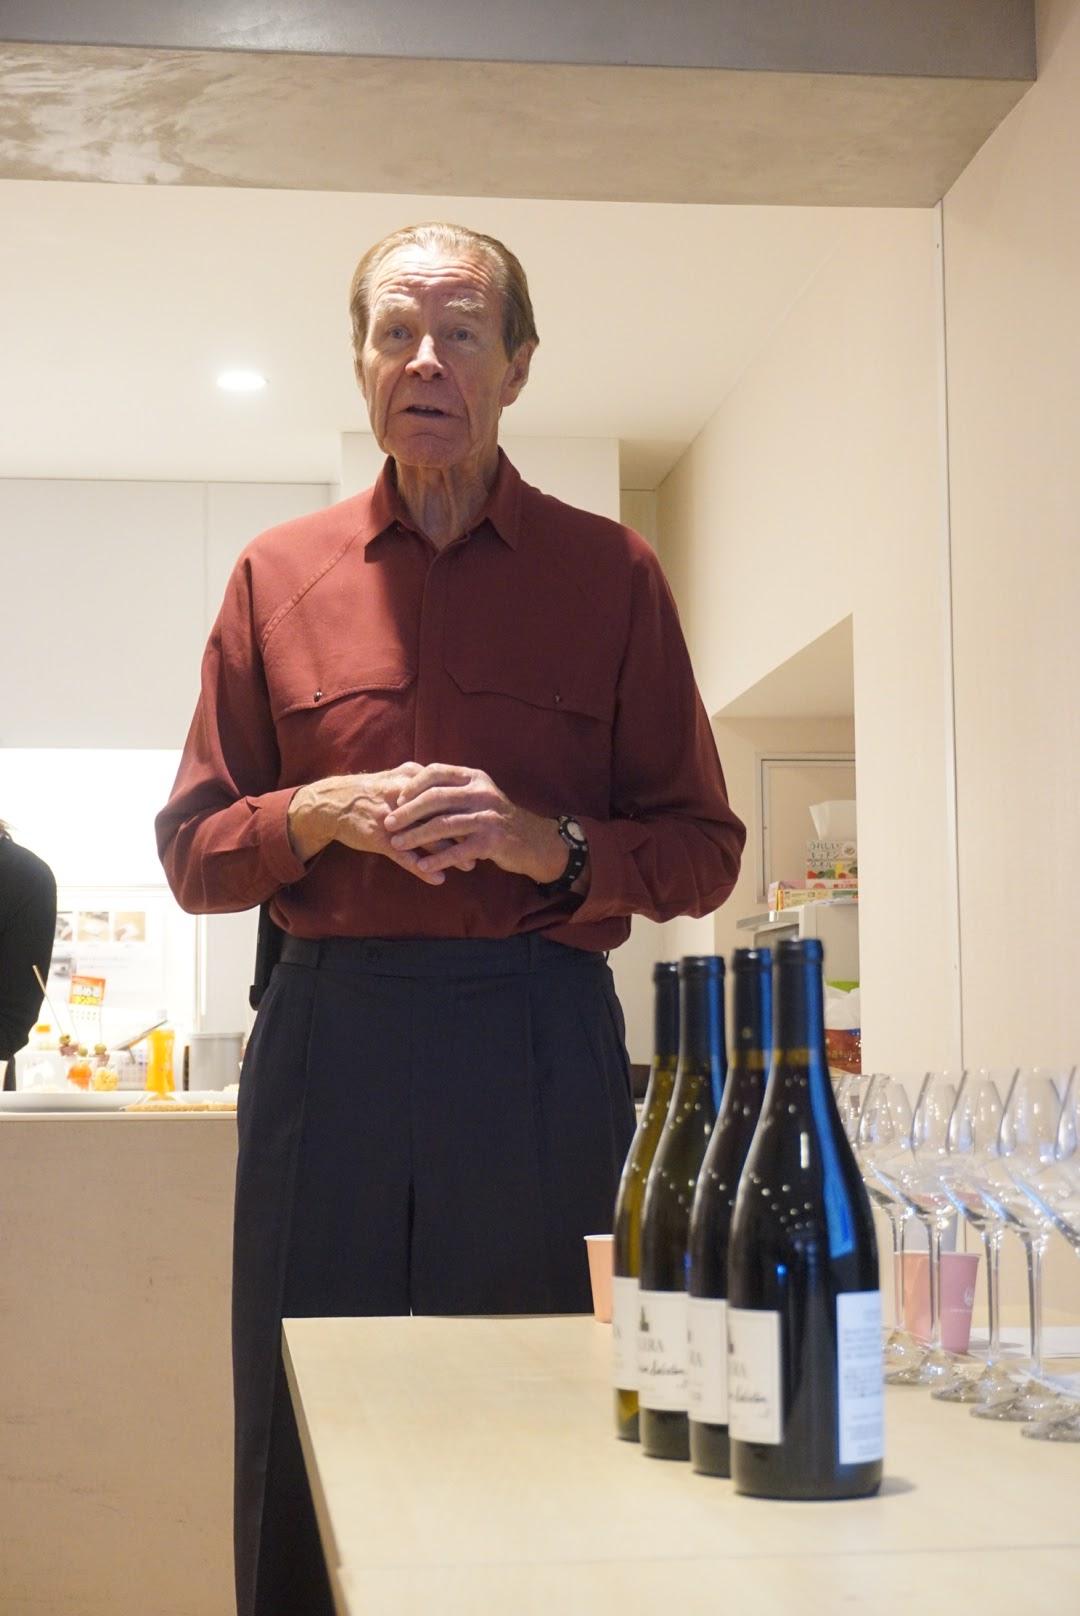 98baa1f56bb カレラの創設者ジョシュ・ジェンセンと現在のワインメーカーであるマイク・ウォーラーが来日し、雑誌「ワイン王国」とコラボしたセミナーが開かれました。